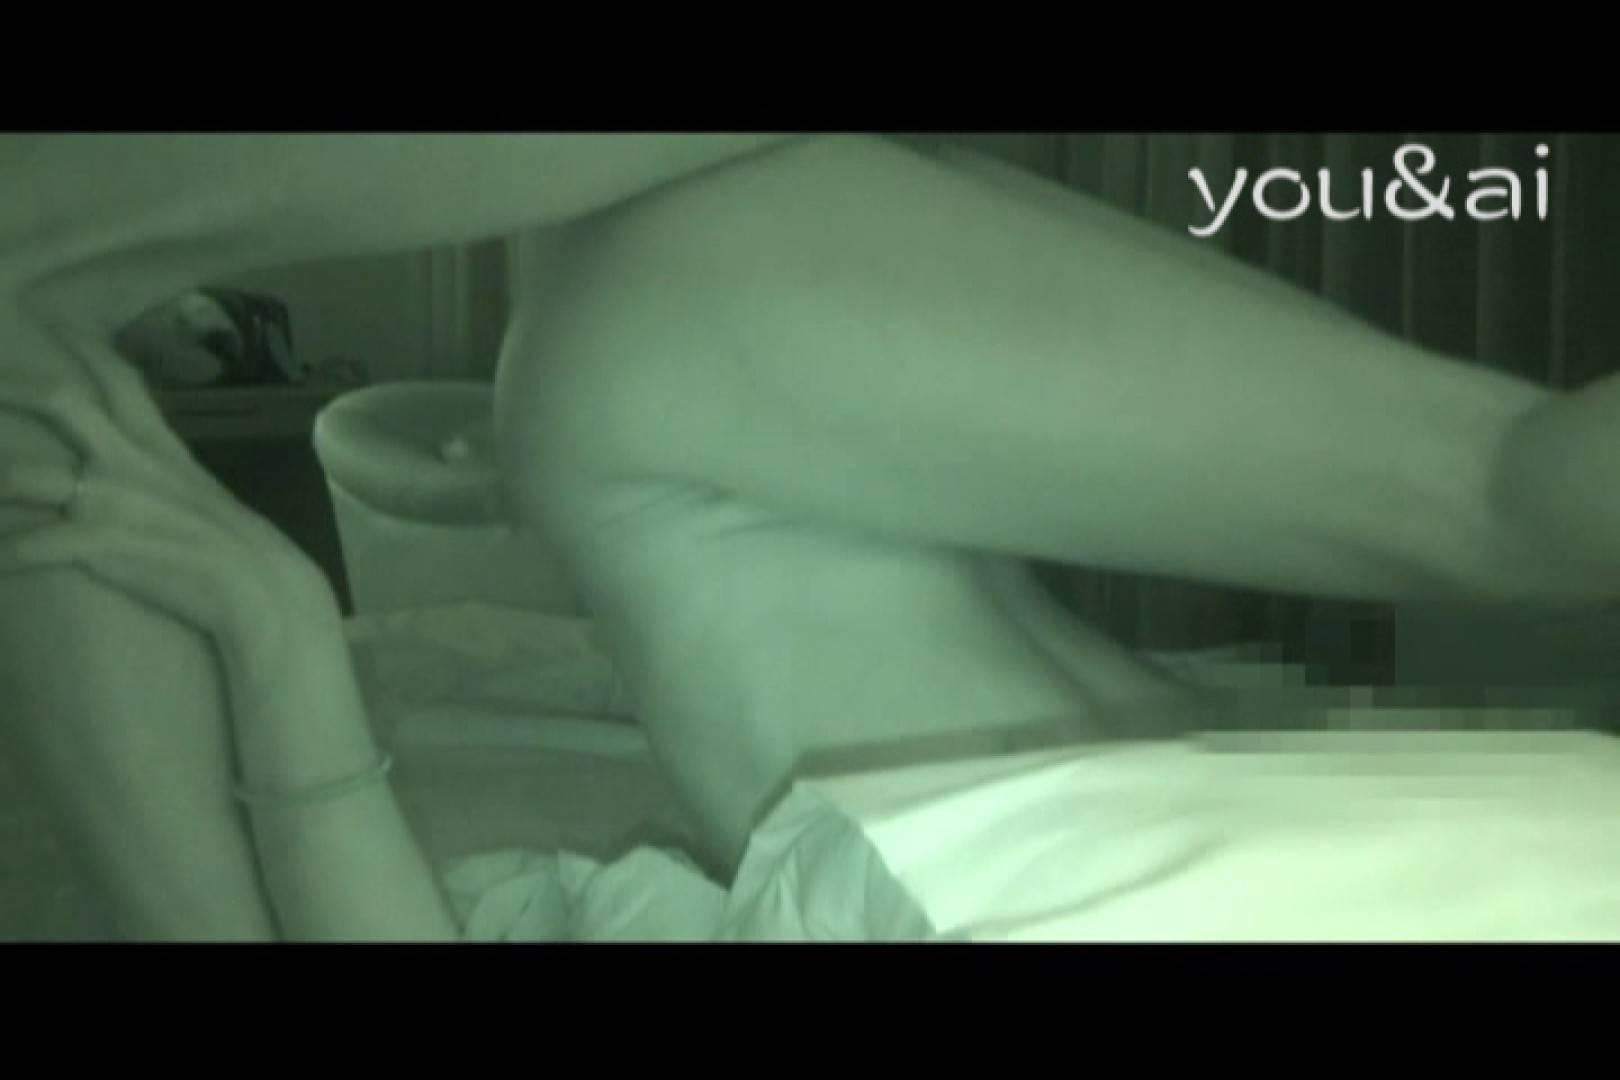 おしどり夫婦のyou&aiさん投稿作品vol.12 ホテル オマンコ動画キャプチャ 104PIX 29